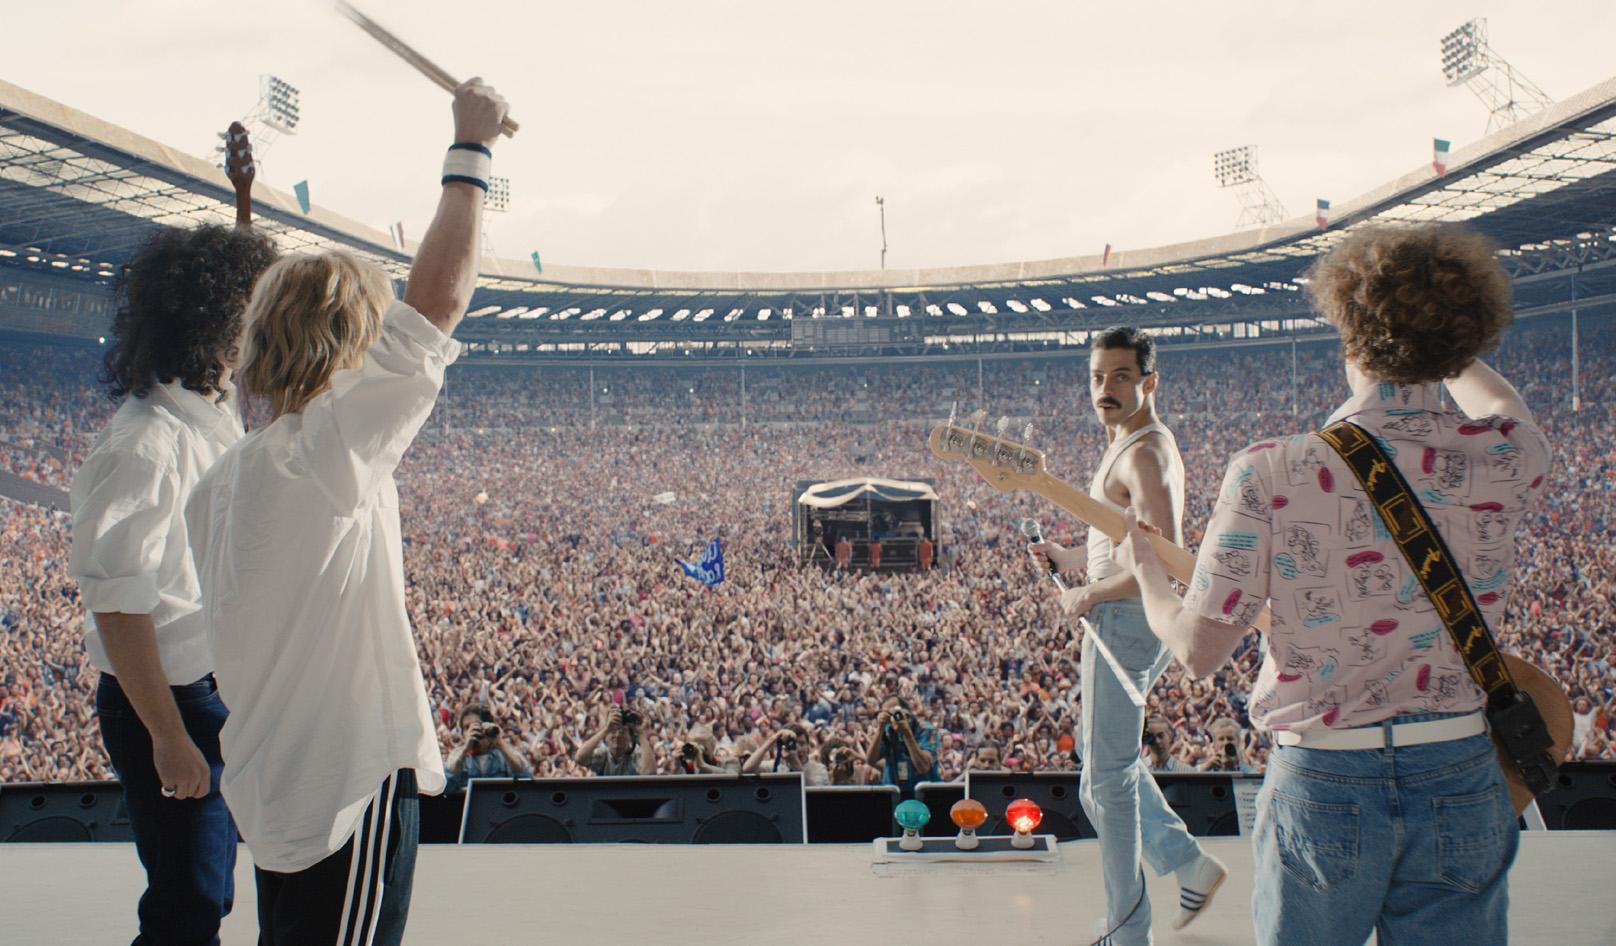 에서 재현한 '라이브 에이드'에서의 퀸 공연 장면.